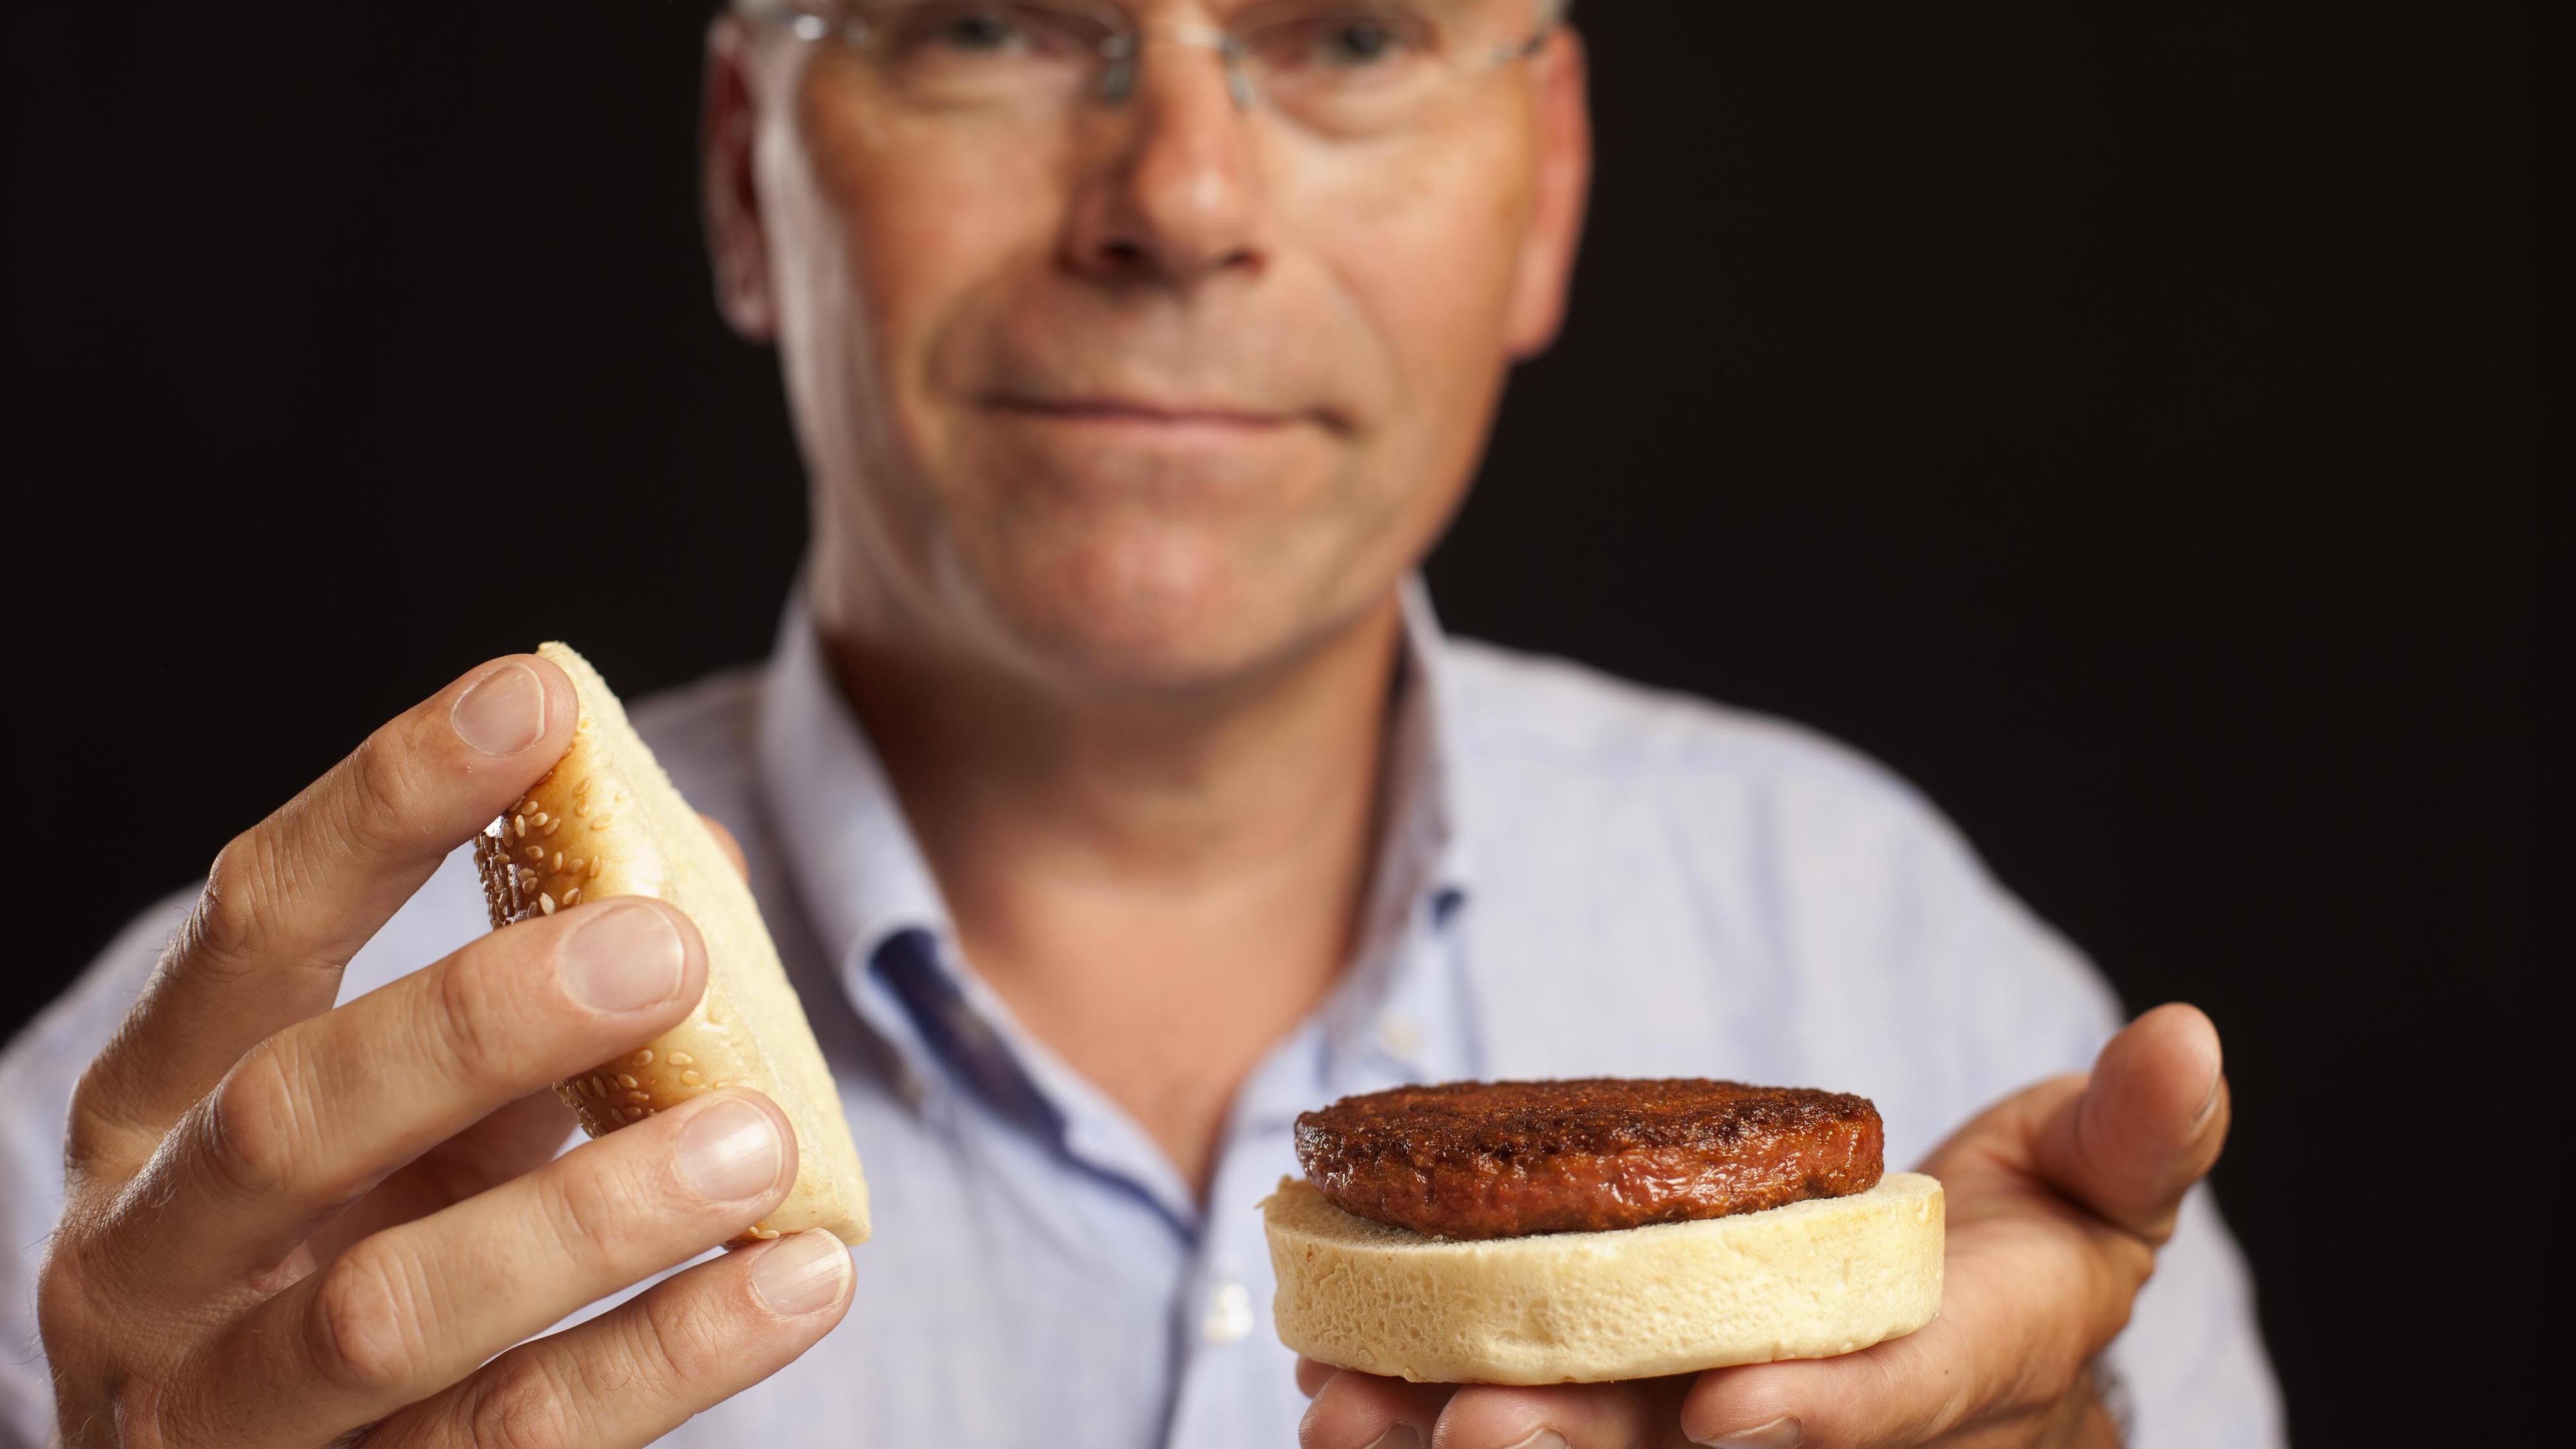 A Mosa Meat első hamburgerpogácsája 2013-ban. Forrás: mosameat.eu